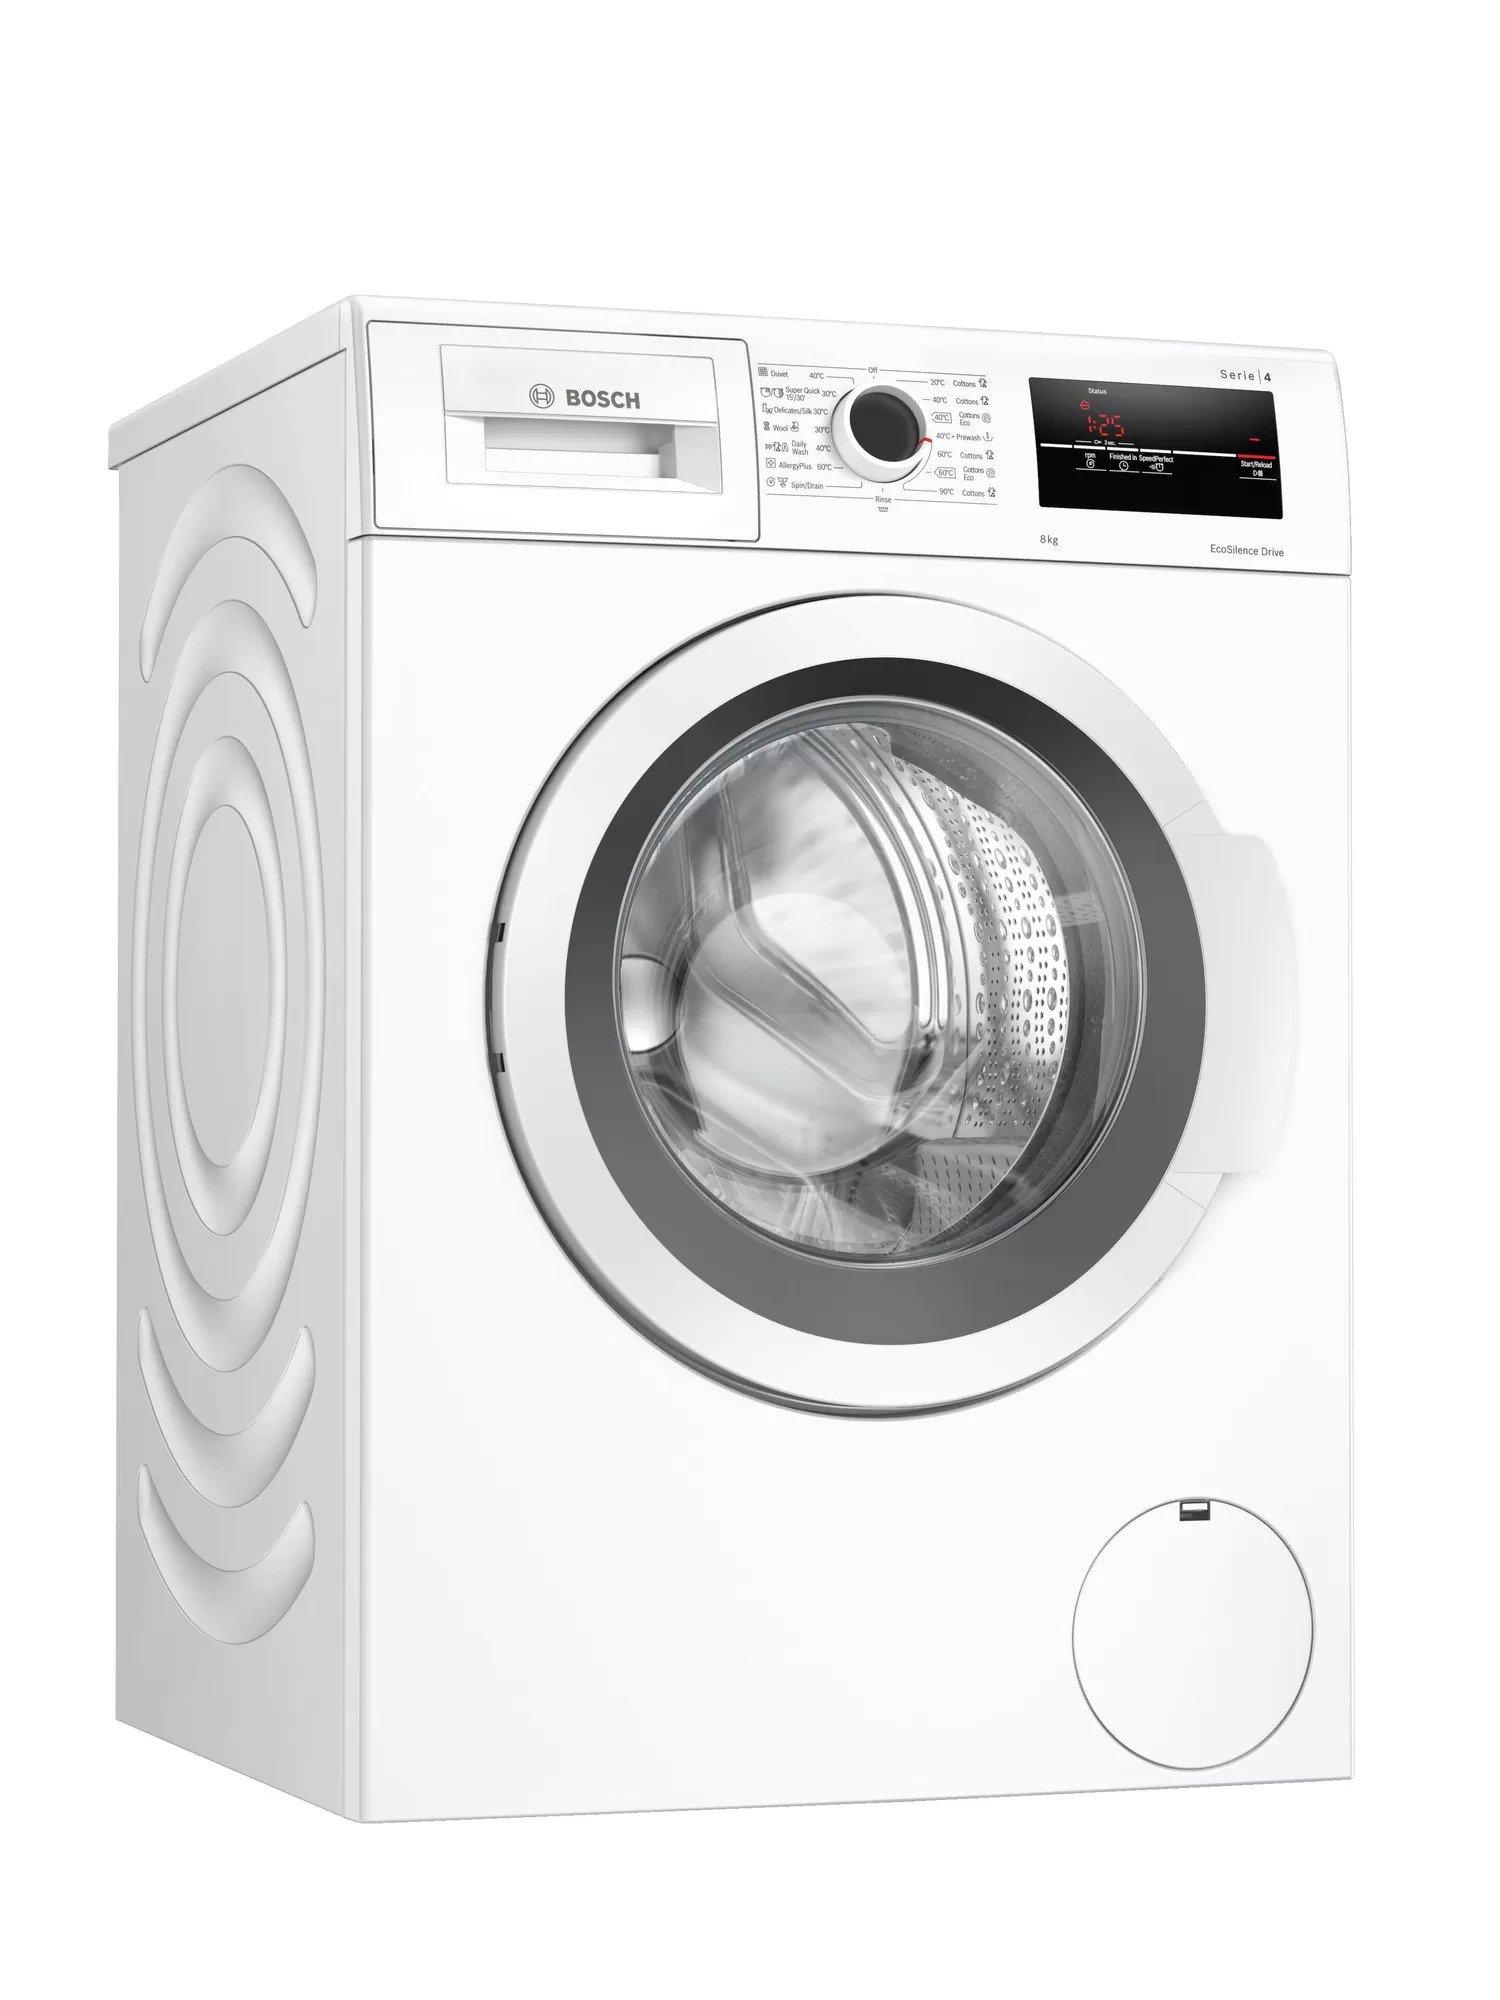 bosch serie 4 washing machine